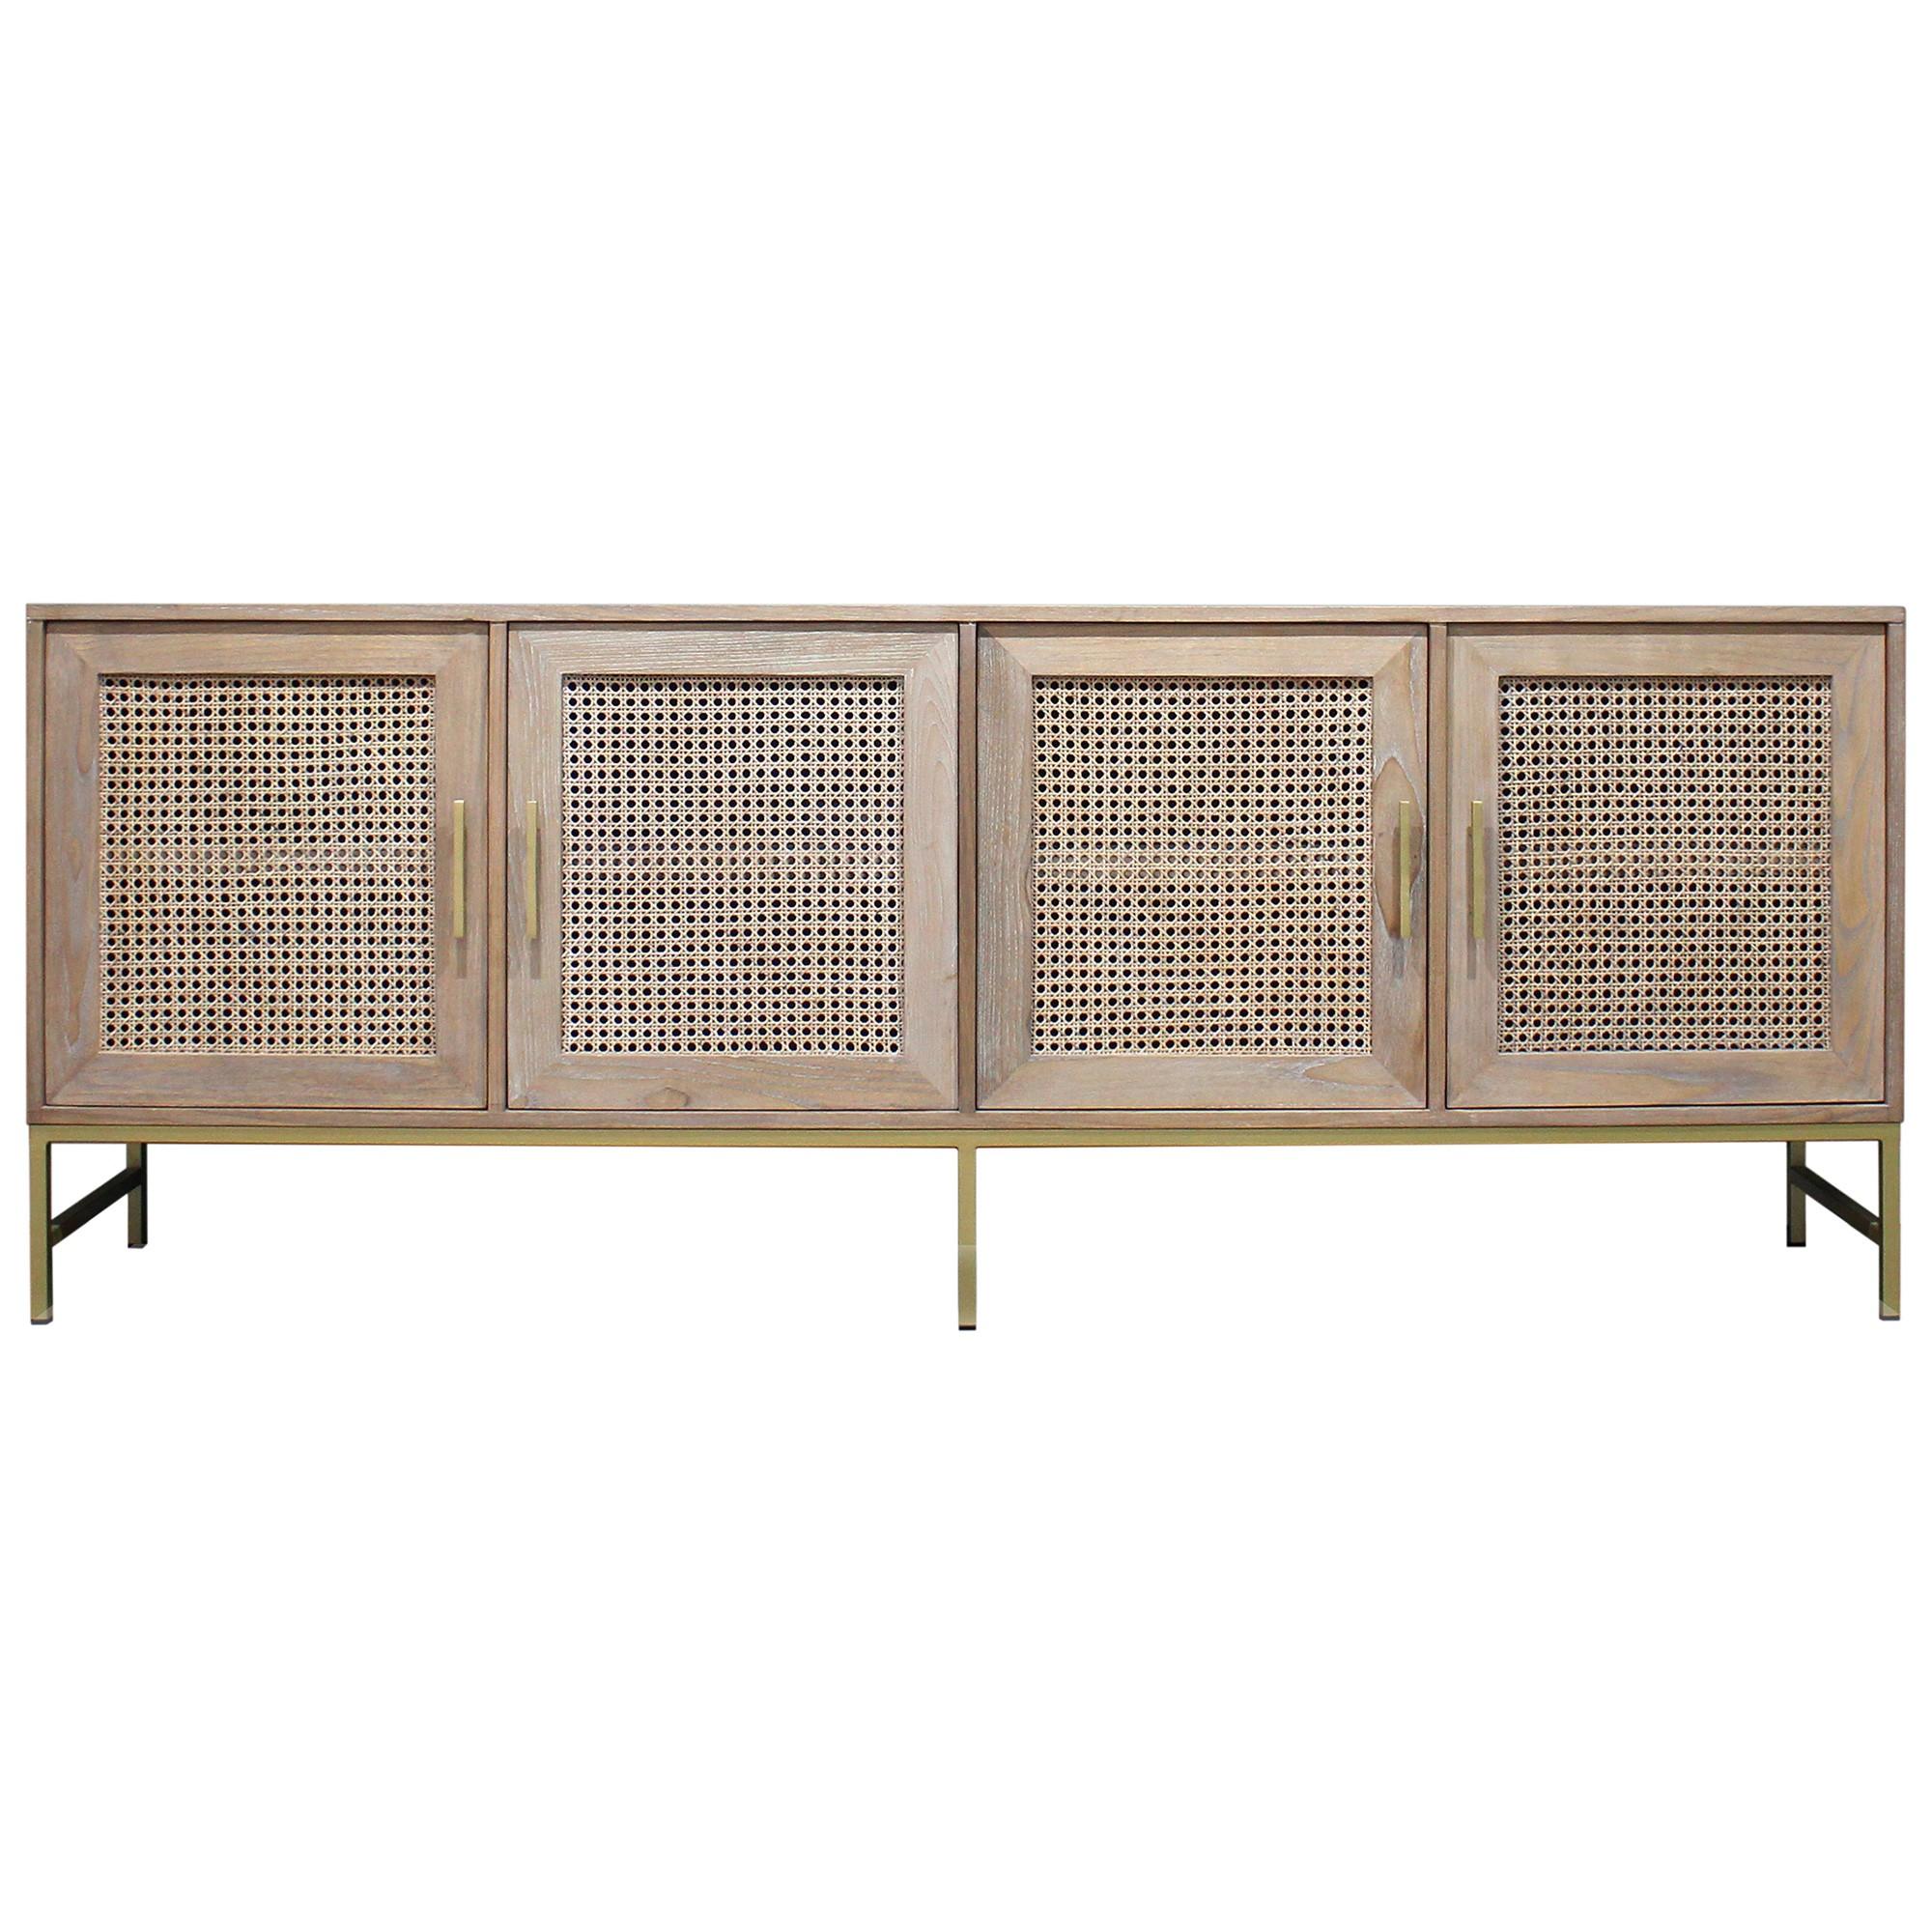 Monterey Sungkai Wood 4 Door Buffet Table, 210cm